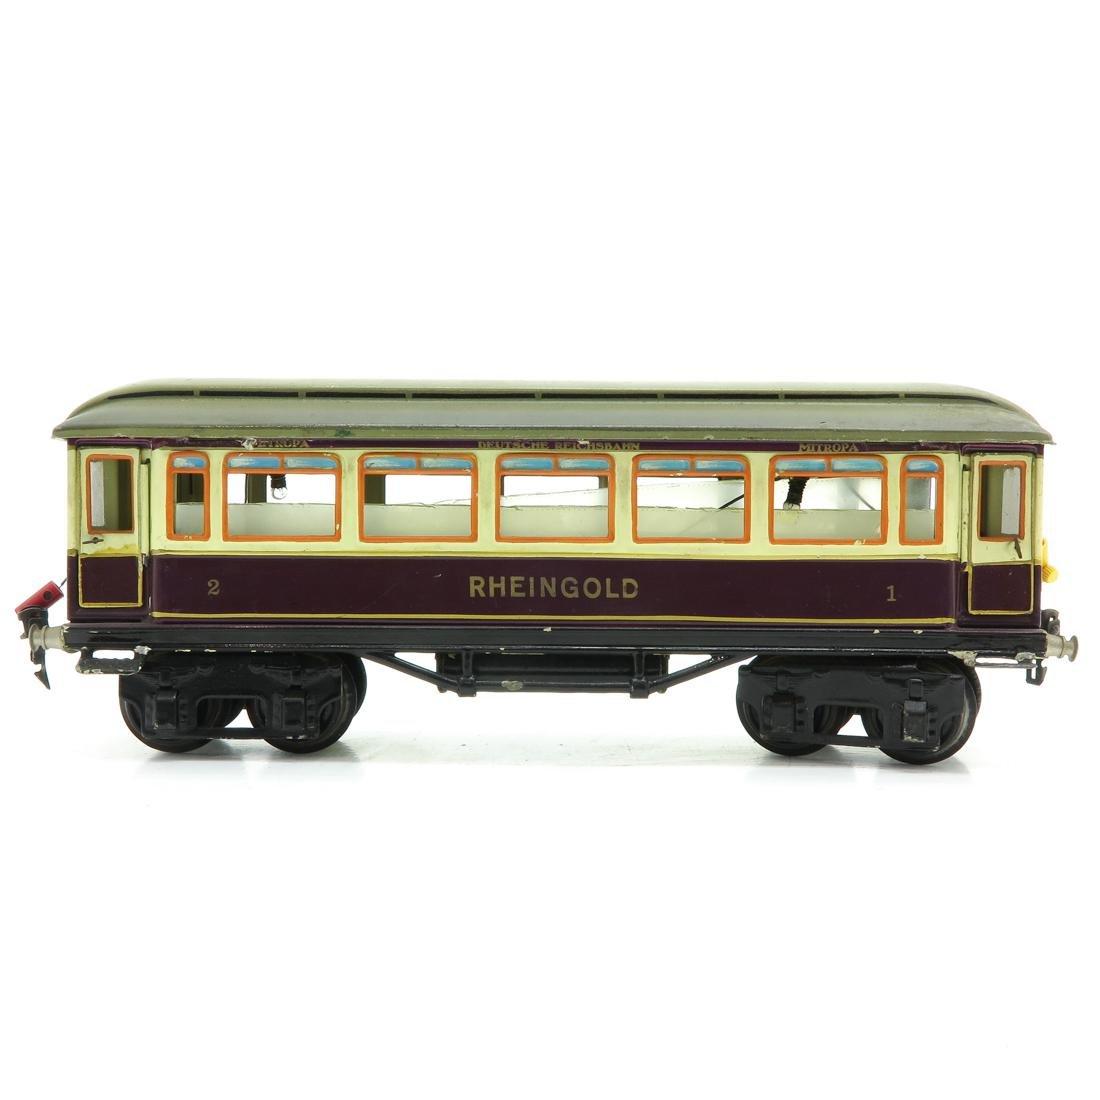 Vintage Marklin Rheingold Passenger Wagon